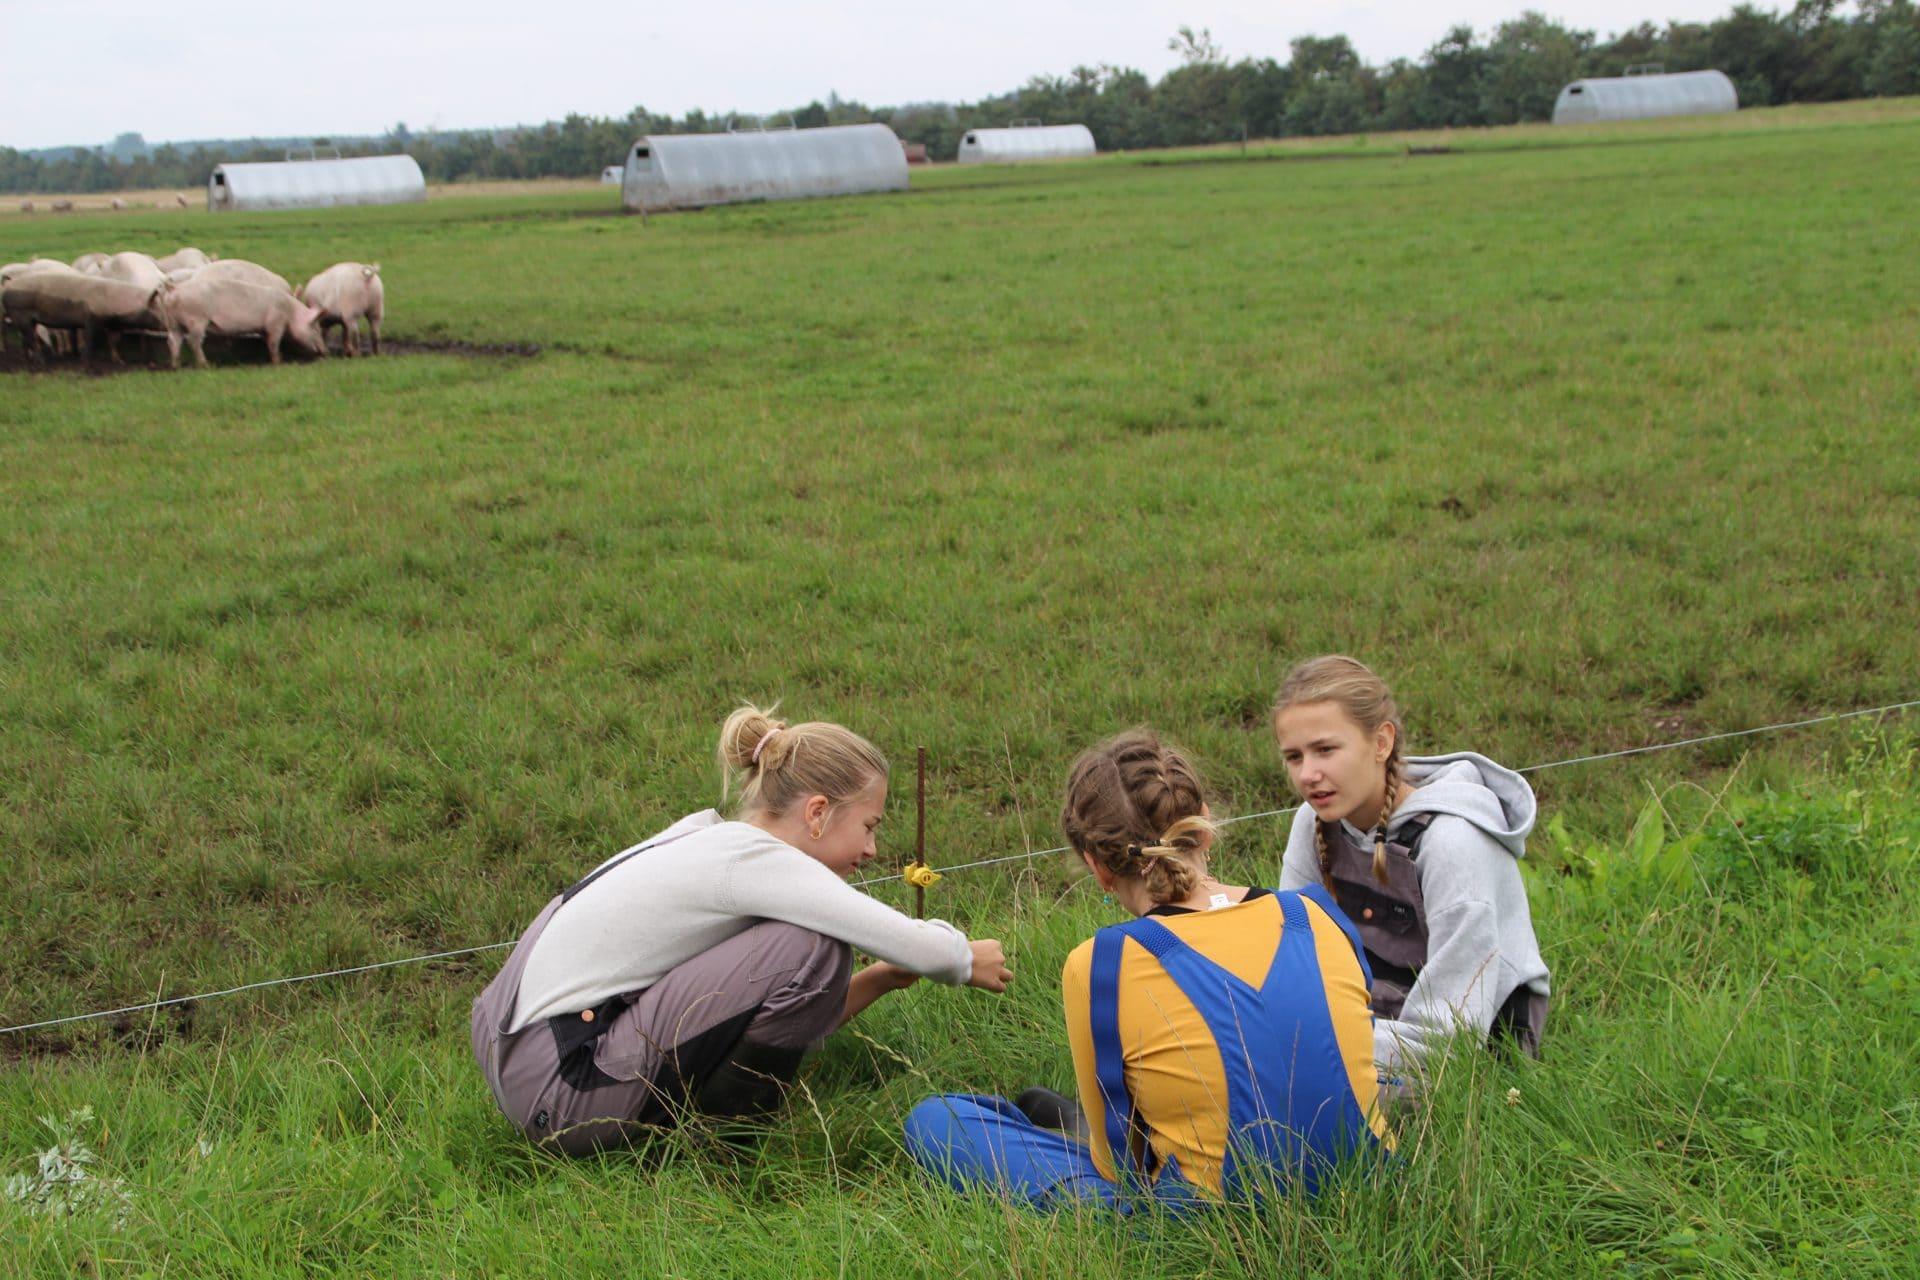 Piger fra Hellerup passer øko grise